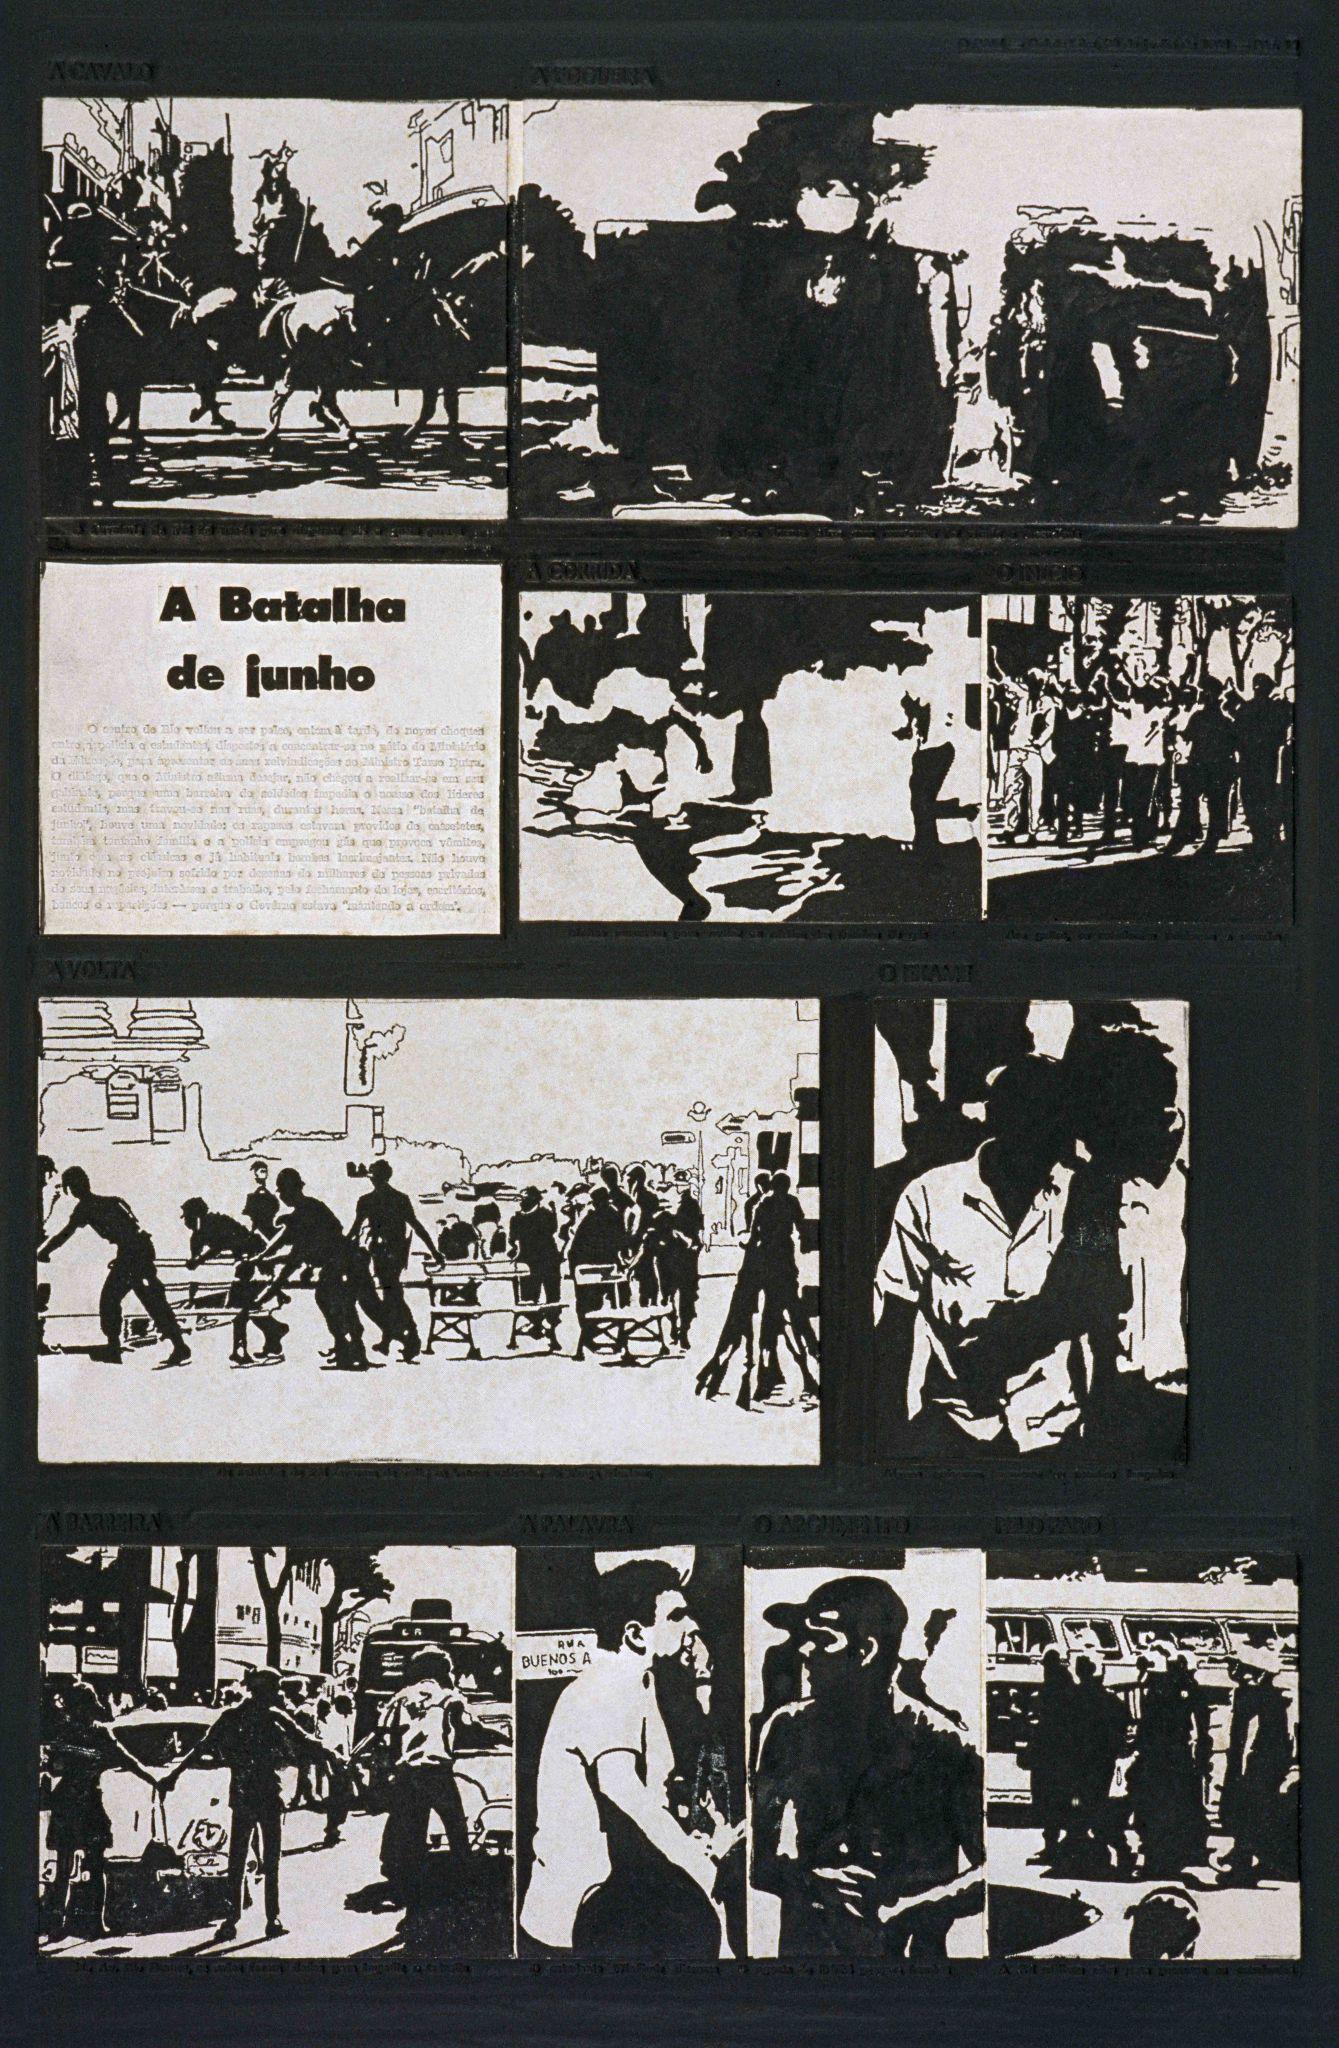 batalha-de-junho_1968